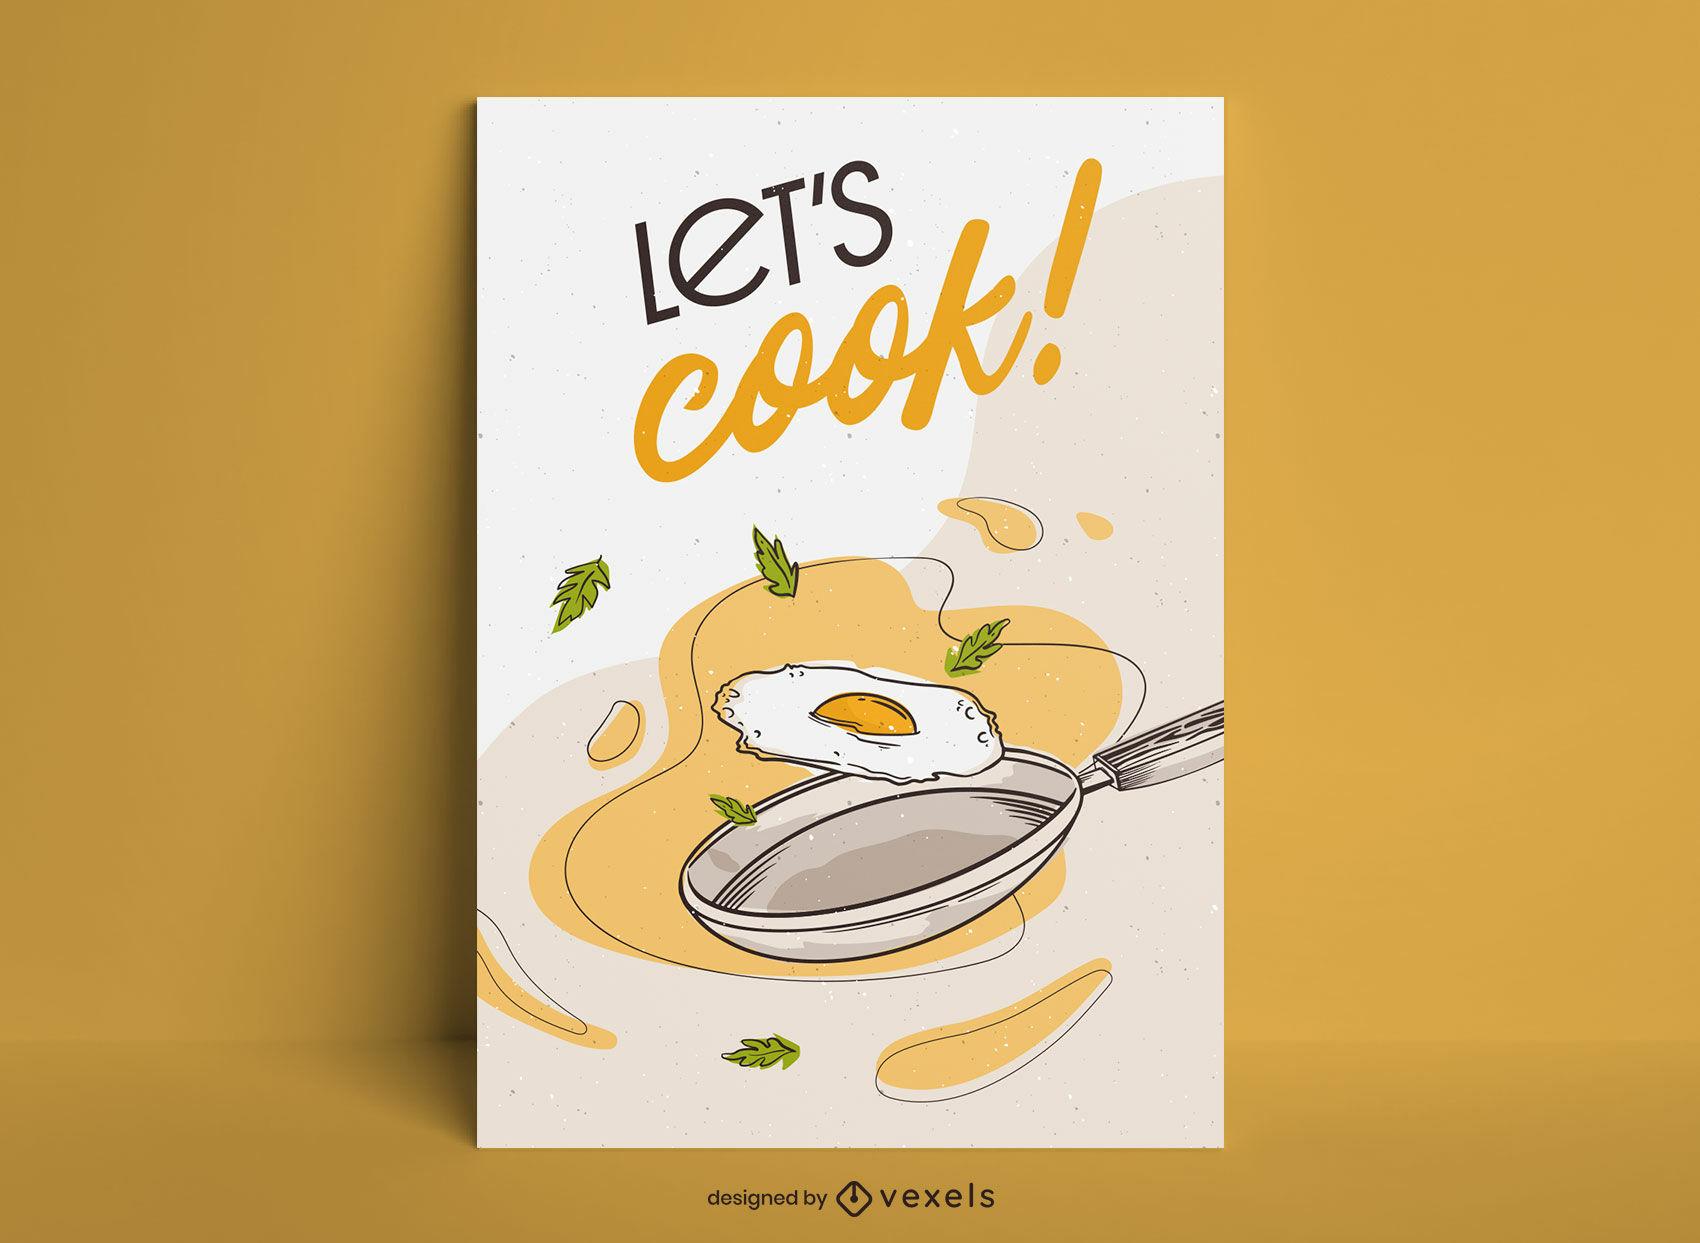 Cocinando huevo frito dise?o de carteles de comida.